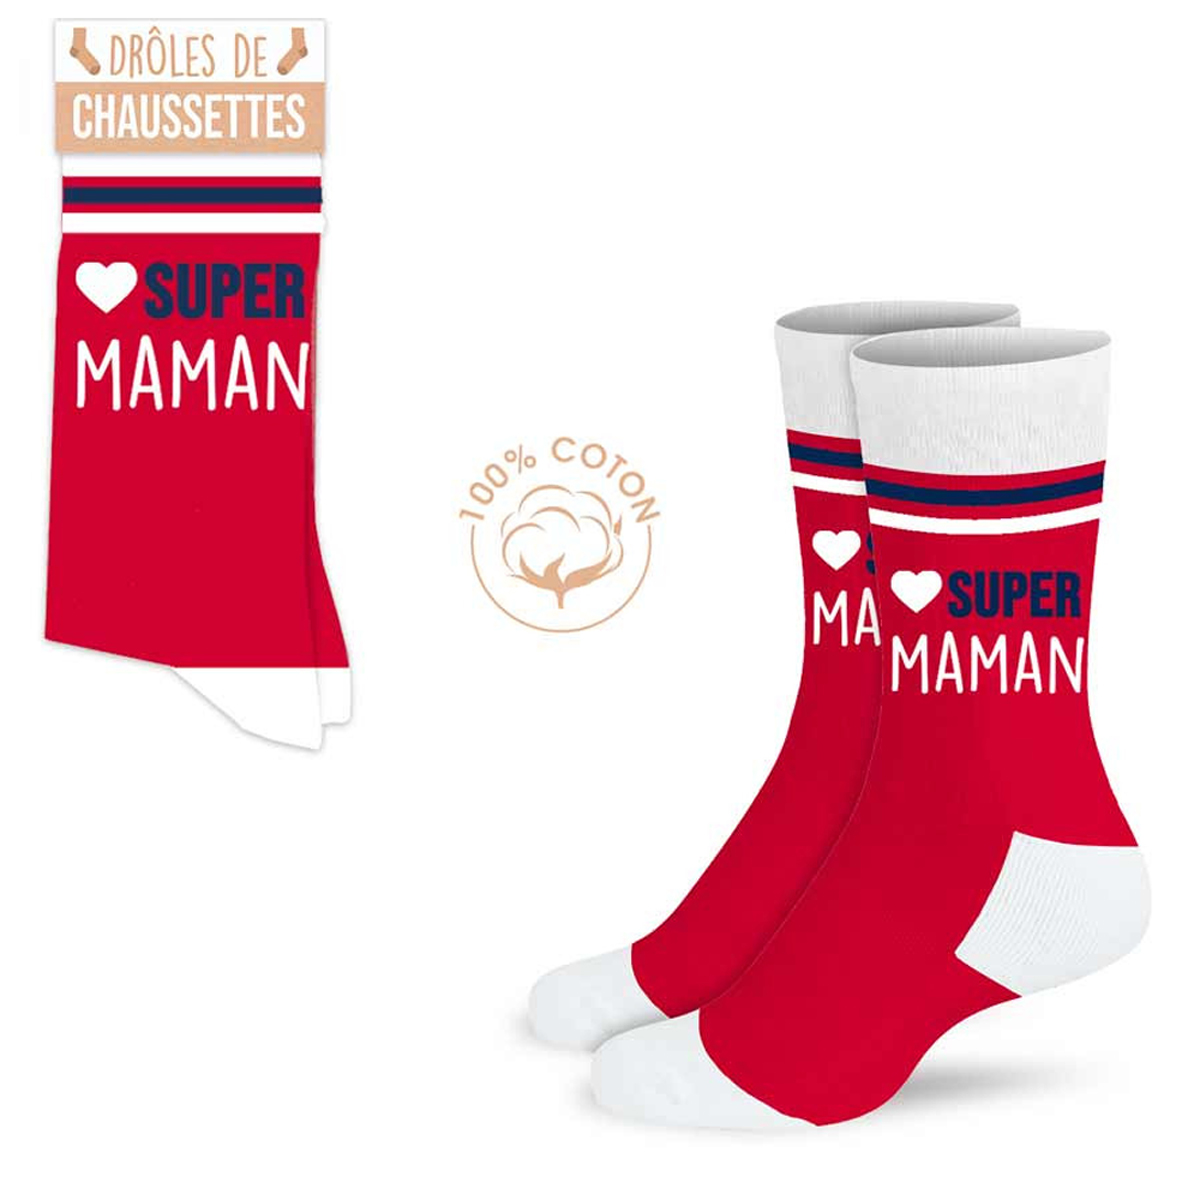 Chaussettes coton tendresse \'Super Maman\' rouge - taille unique - [A0913]